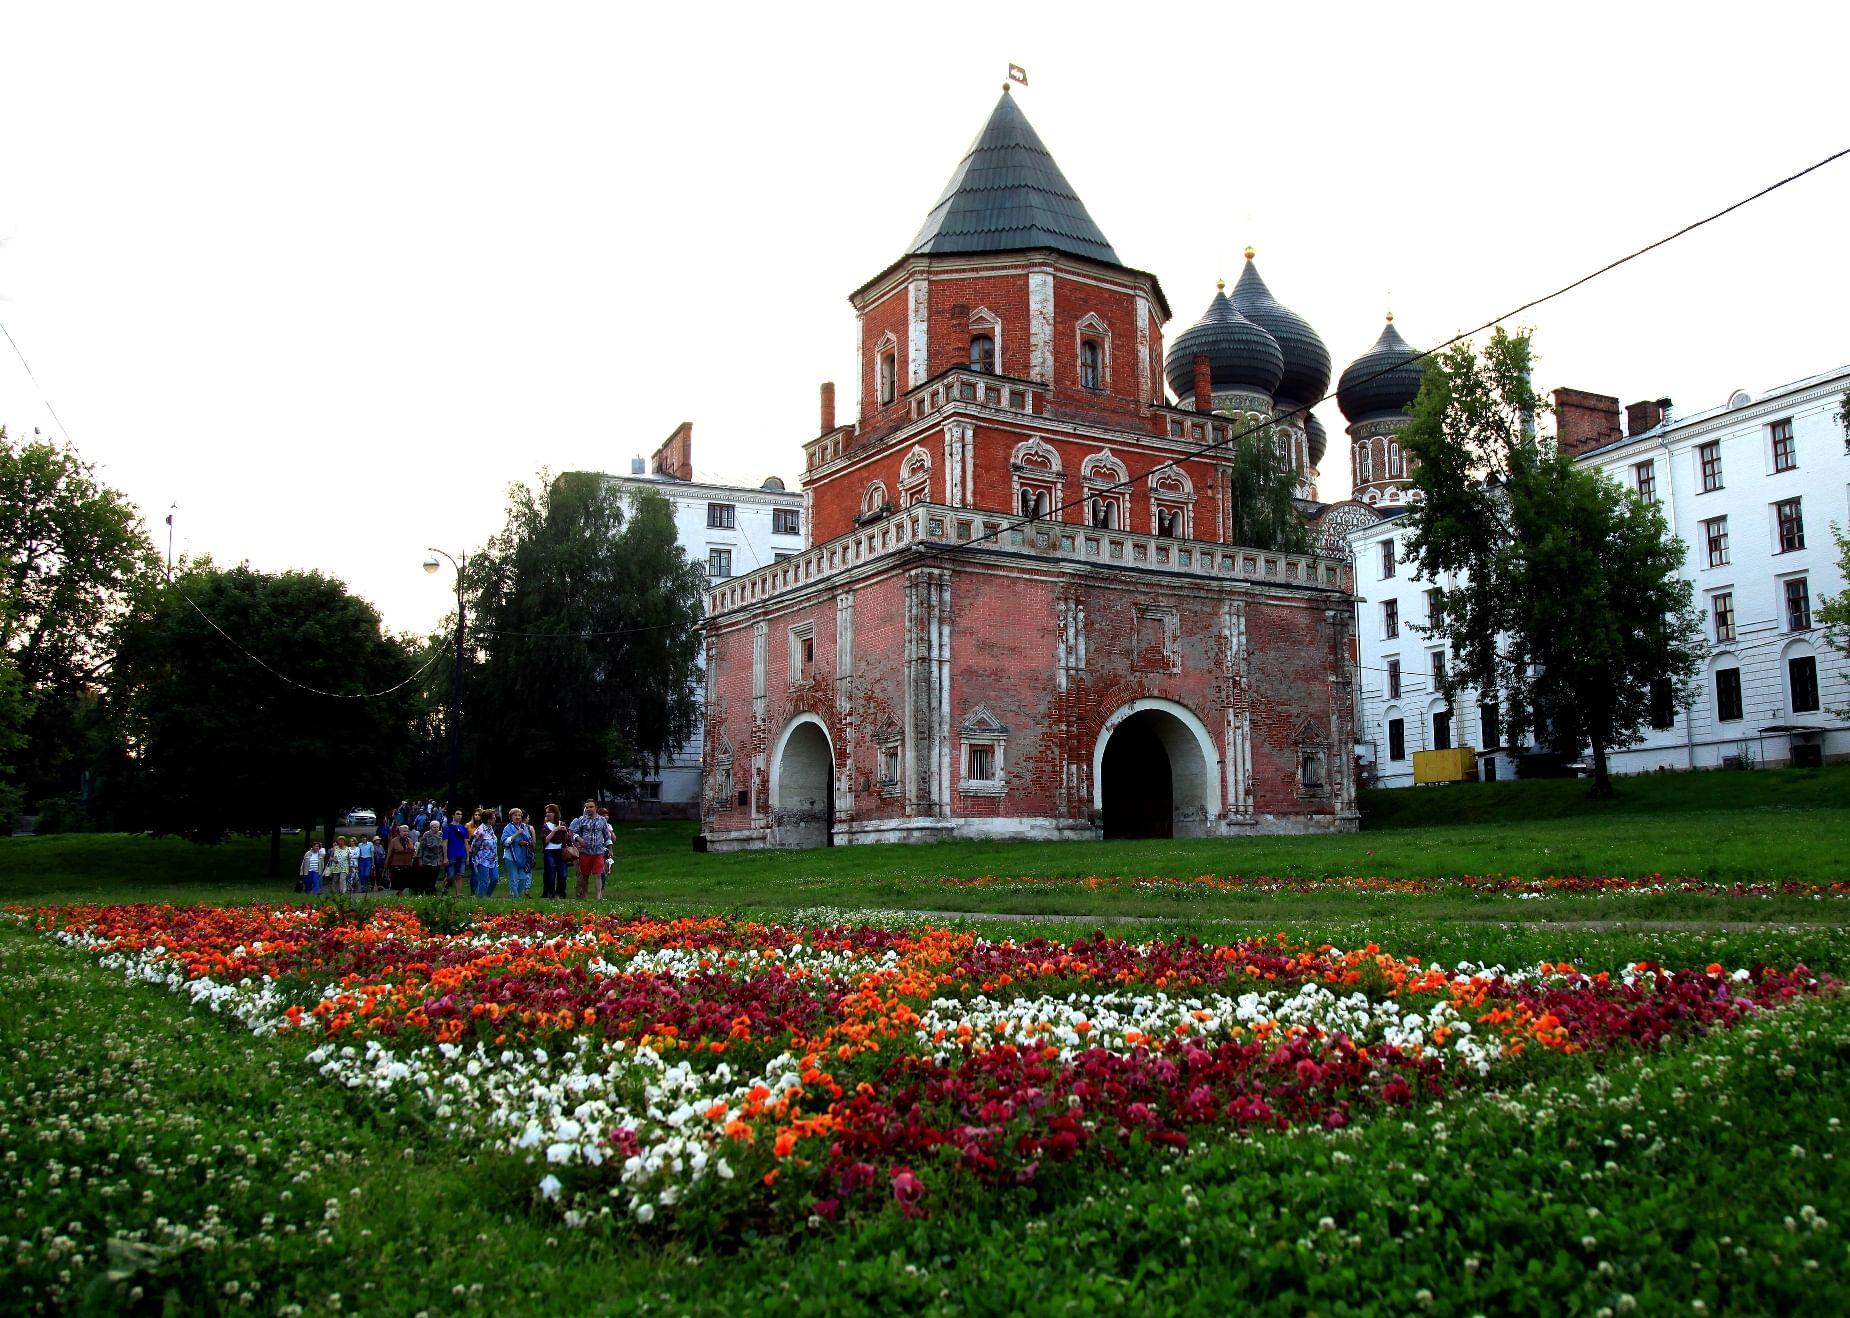 Усадьба Измайлово сегодня: экскурсии по дворцам и паркам от PartyToday.ru